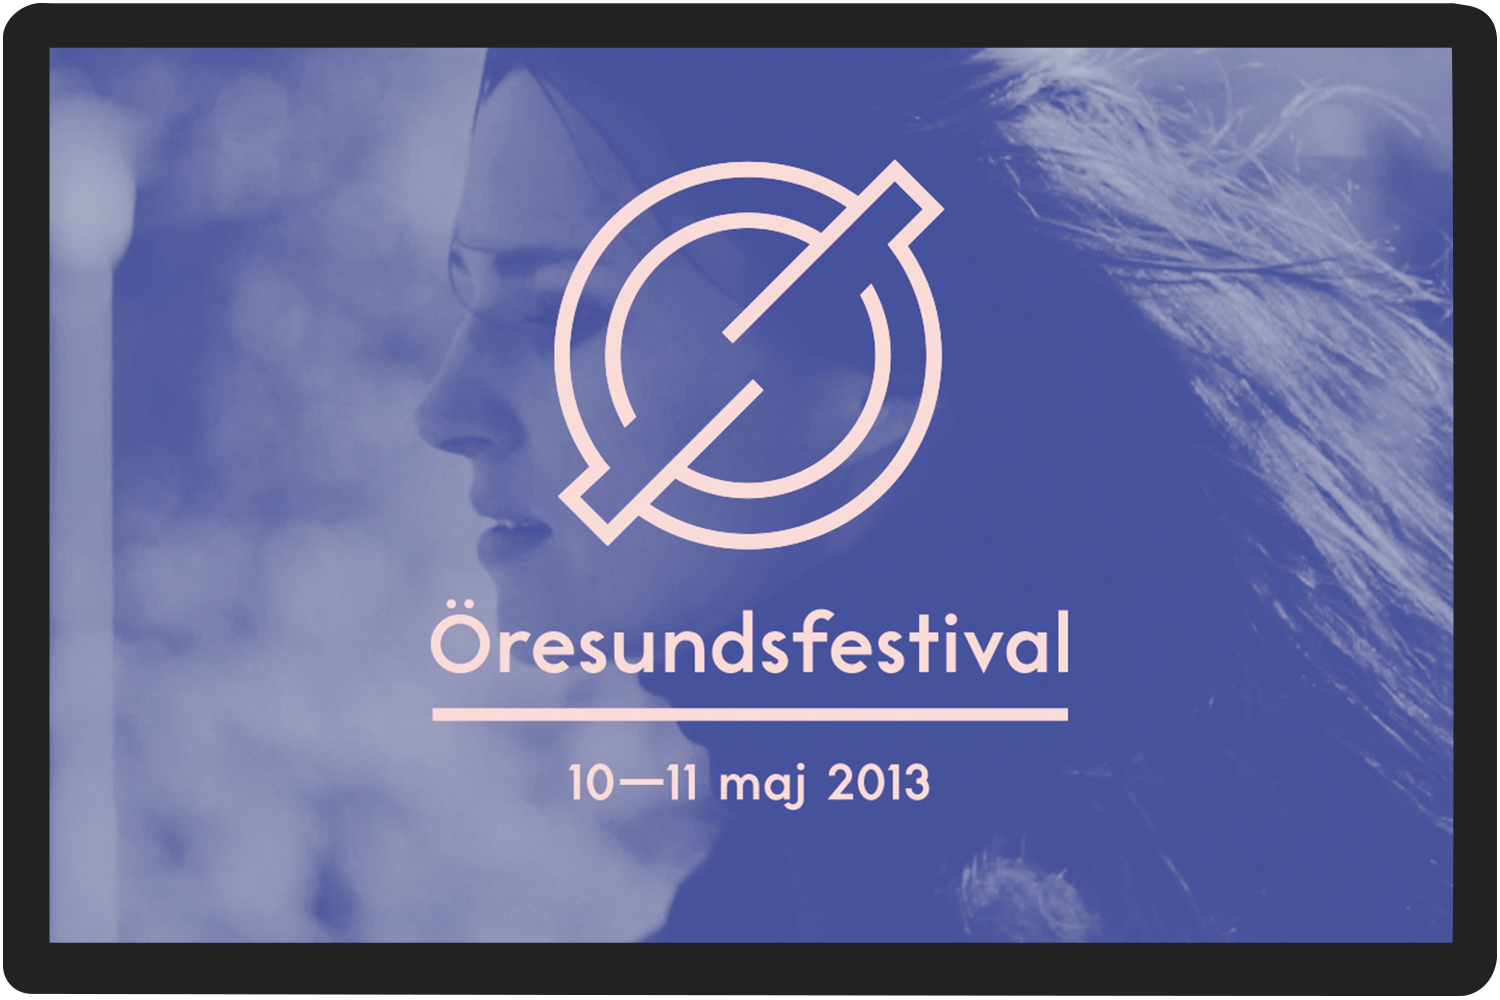 www-oresundsfestival.jpg